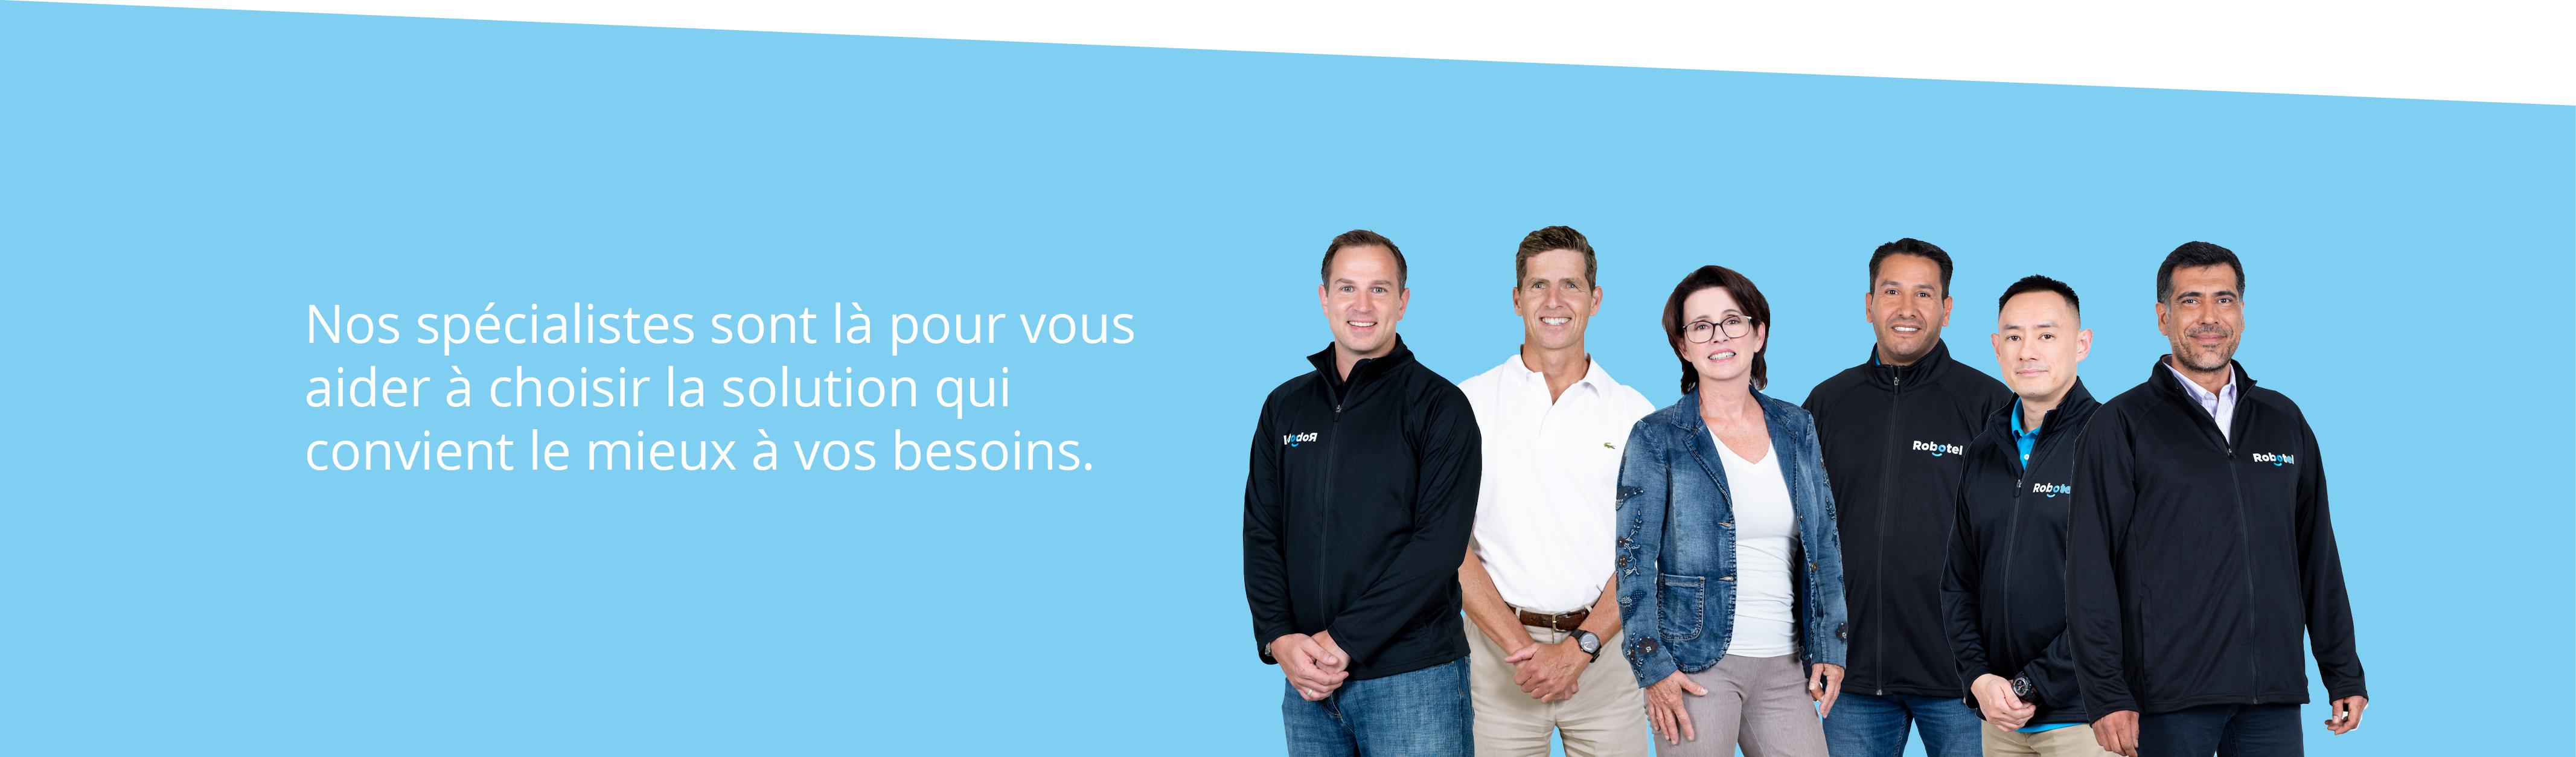 RSM-fond bleu - FR